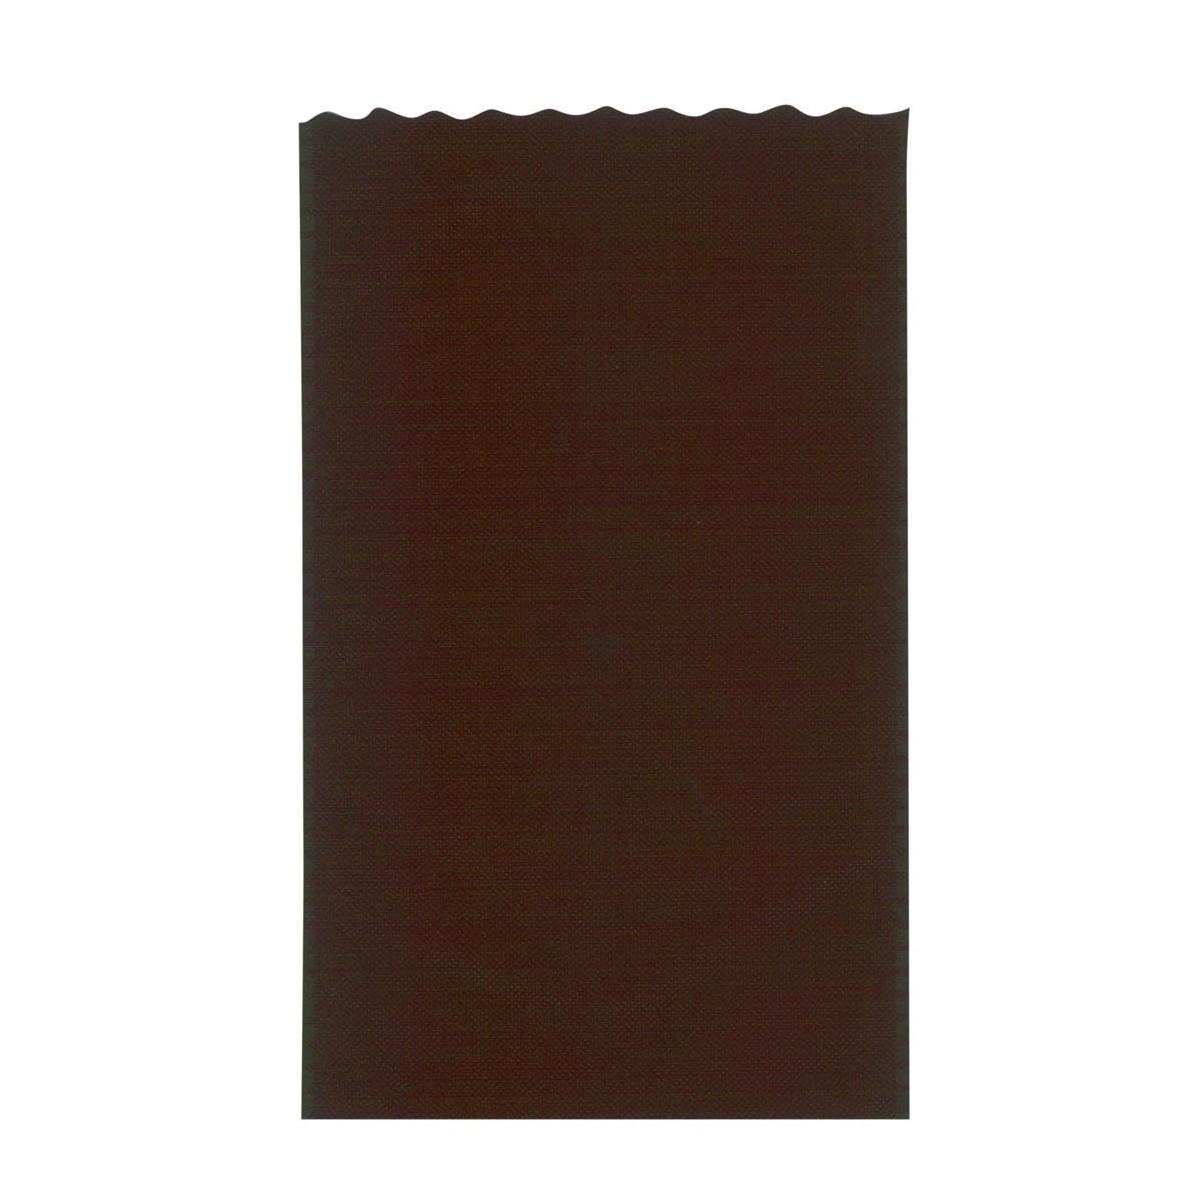 Busta Regalo Tessuto Non Tessuto TNT Colorata Confezione 25 Pezzi Marrone